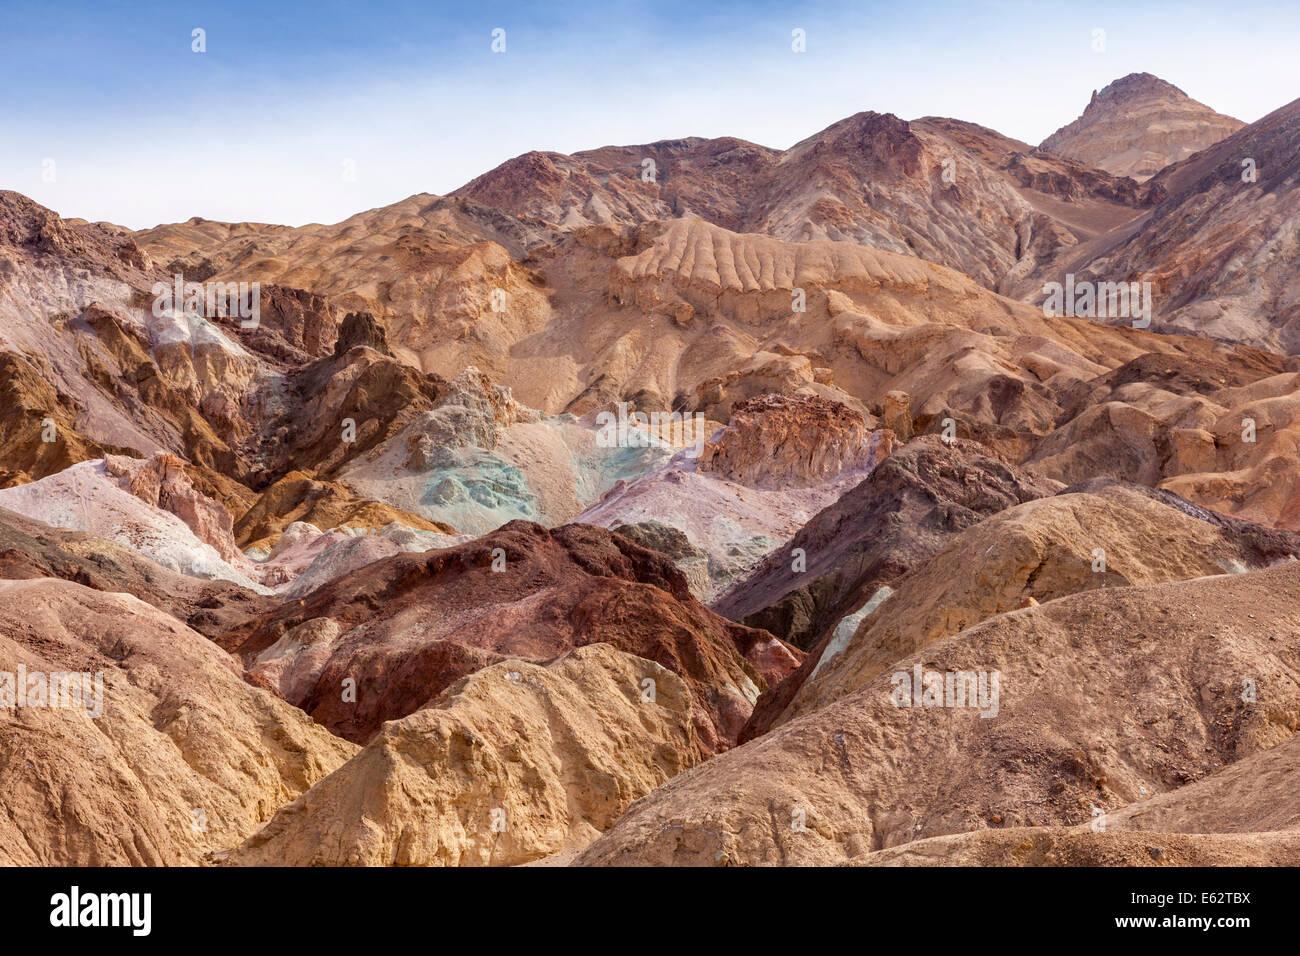 Rocce colorate noto come l'artista della tavolozza, Death Valley, California. Immagini Stock